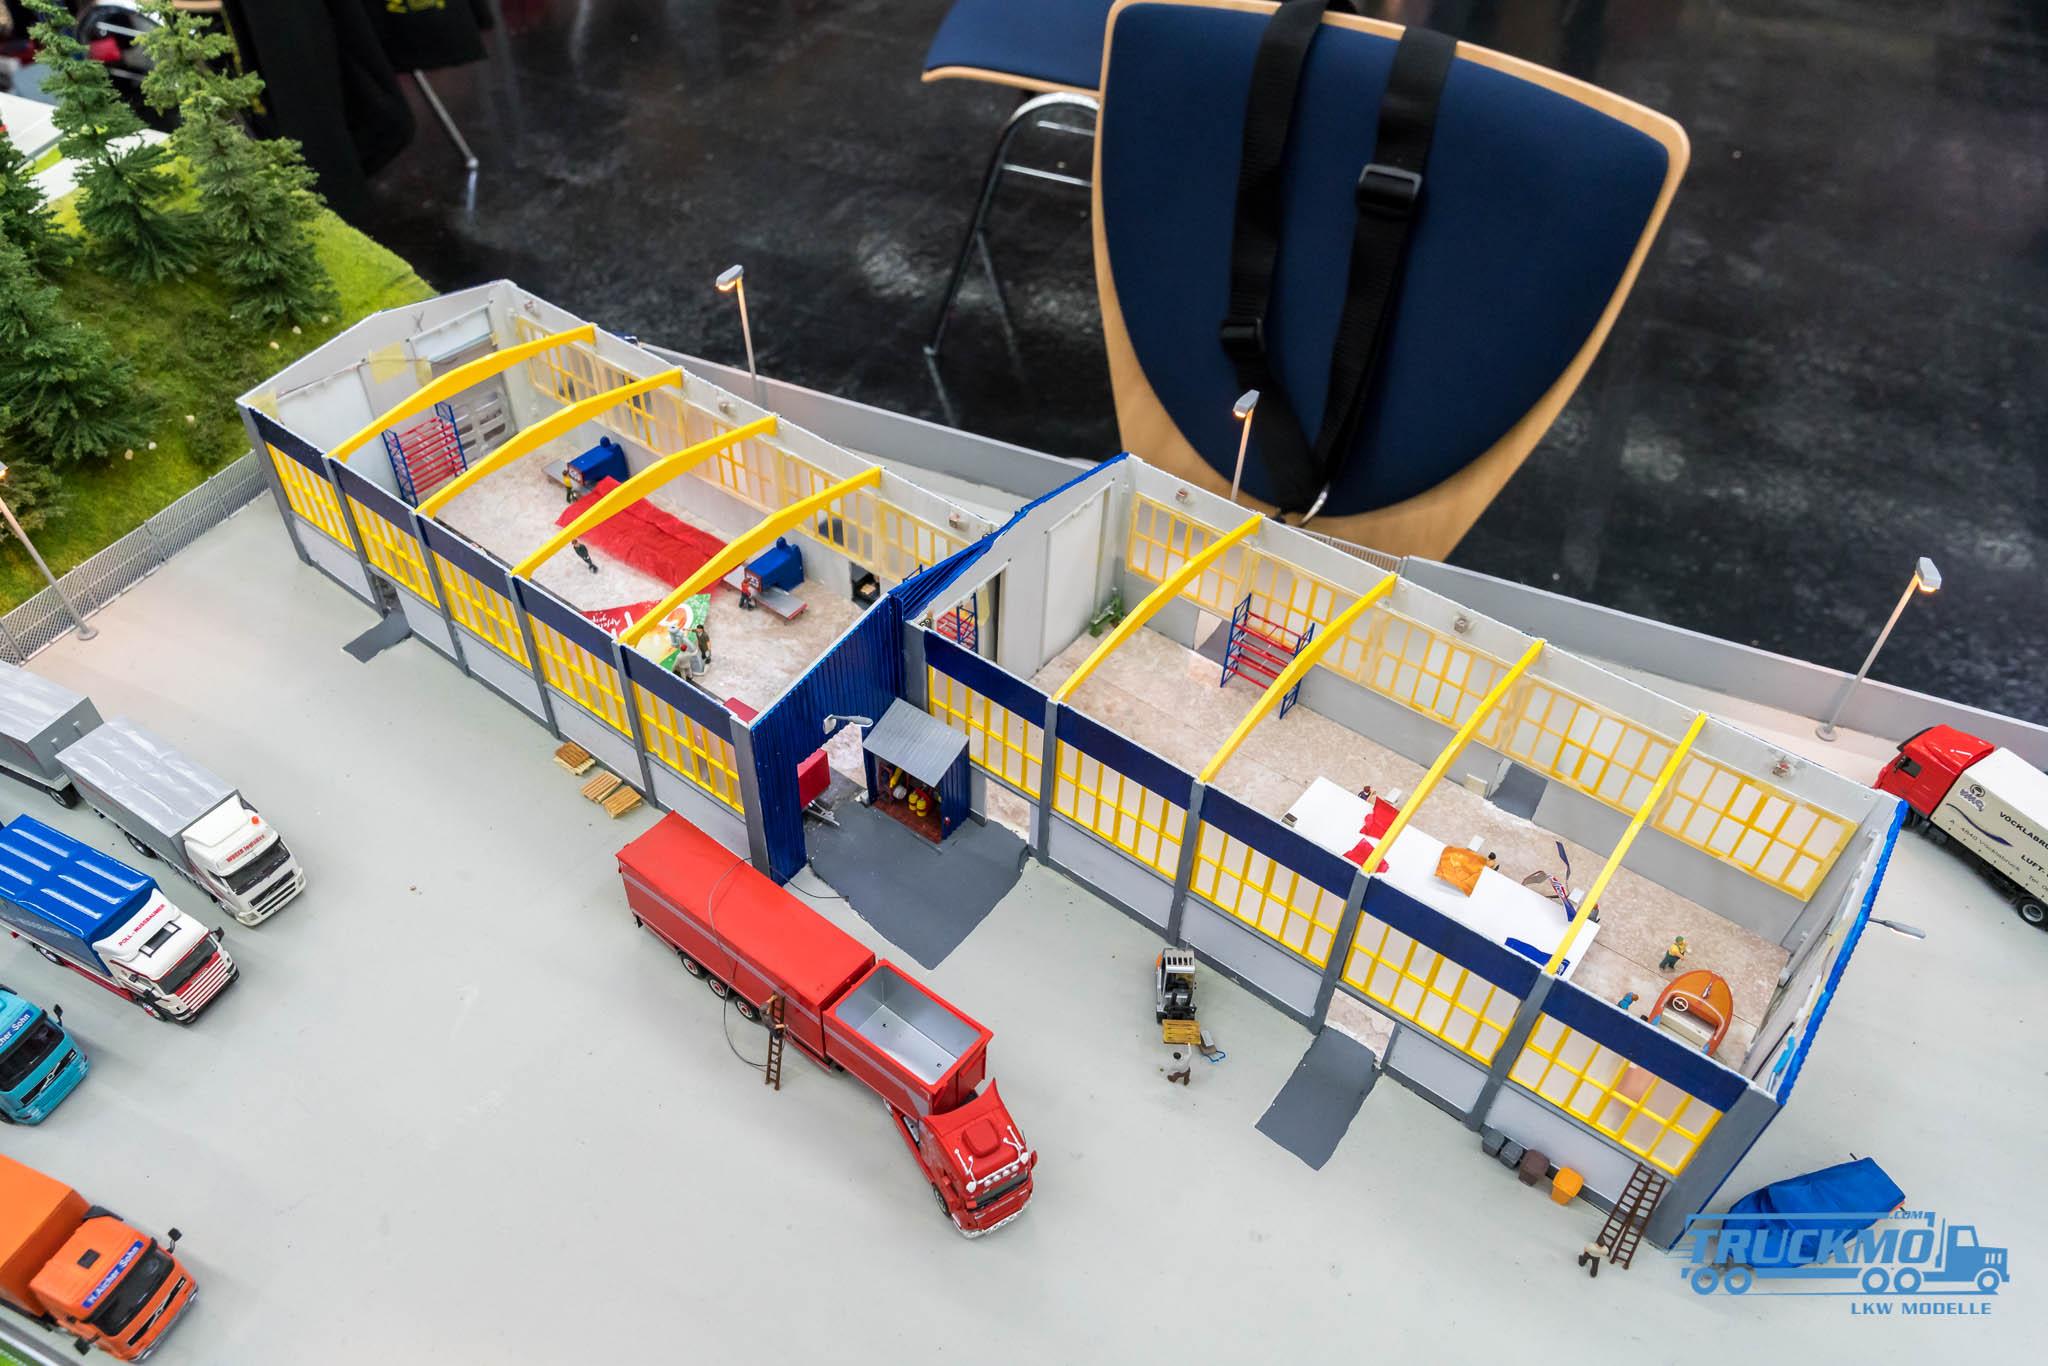 Truckmo_Modellbau_Ried_2017_Herpa_Messe_Modellbauausstellung (268 von 1177)